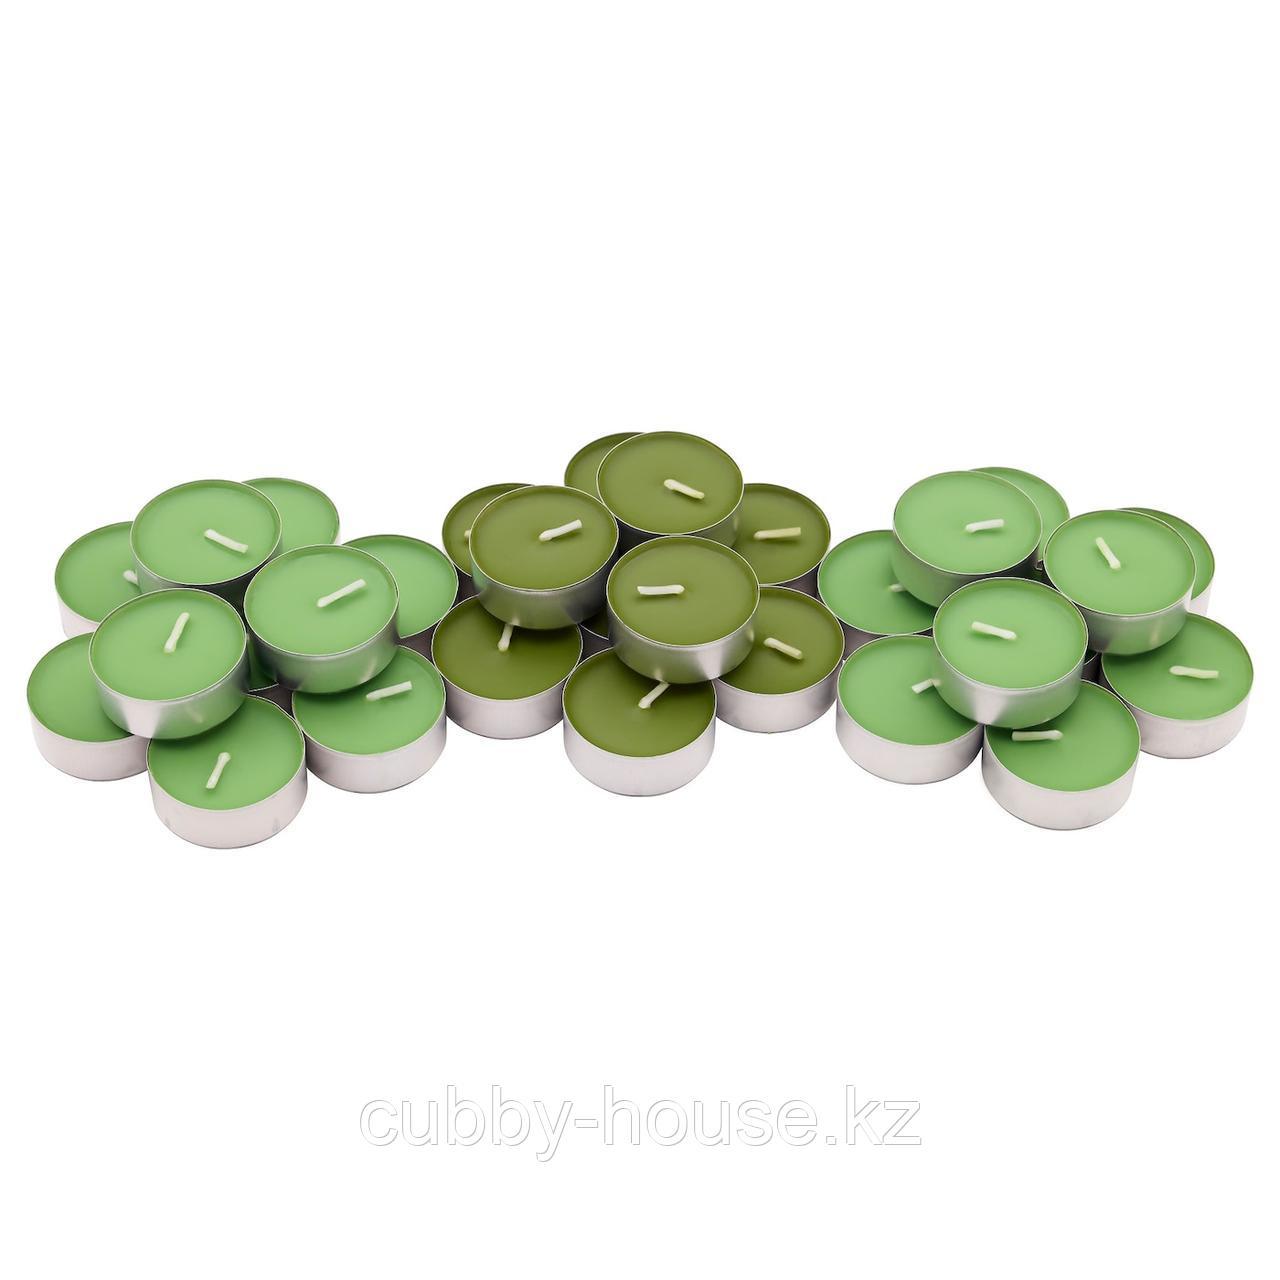 СИНЛИГ Свеча греющая ароматическая, Яблоко и груша, зеленый